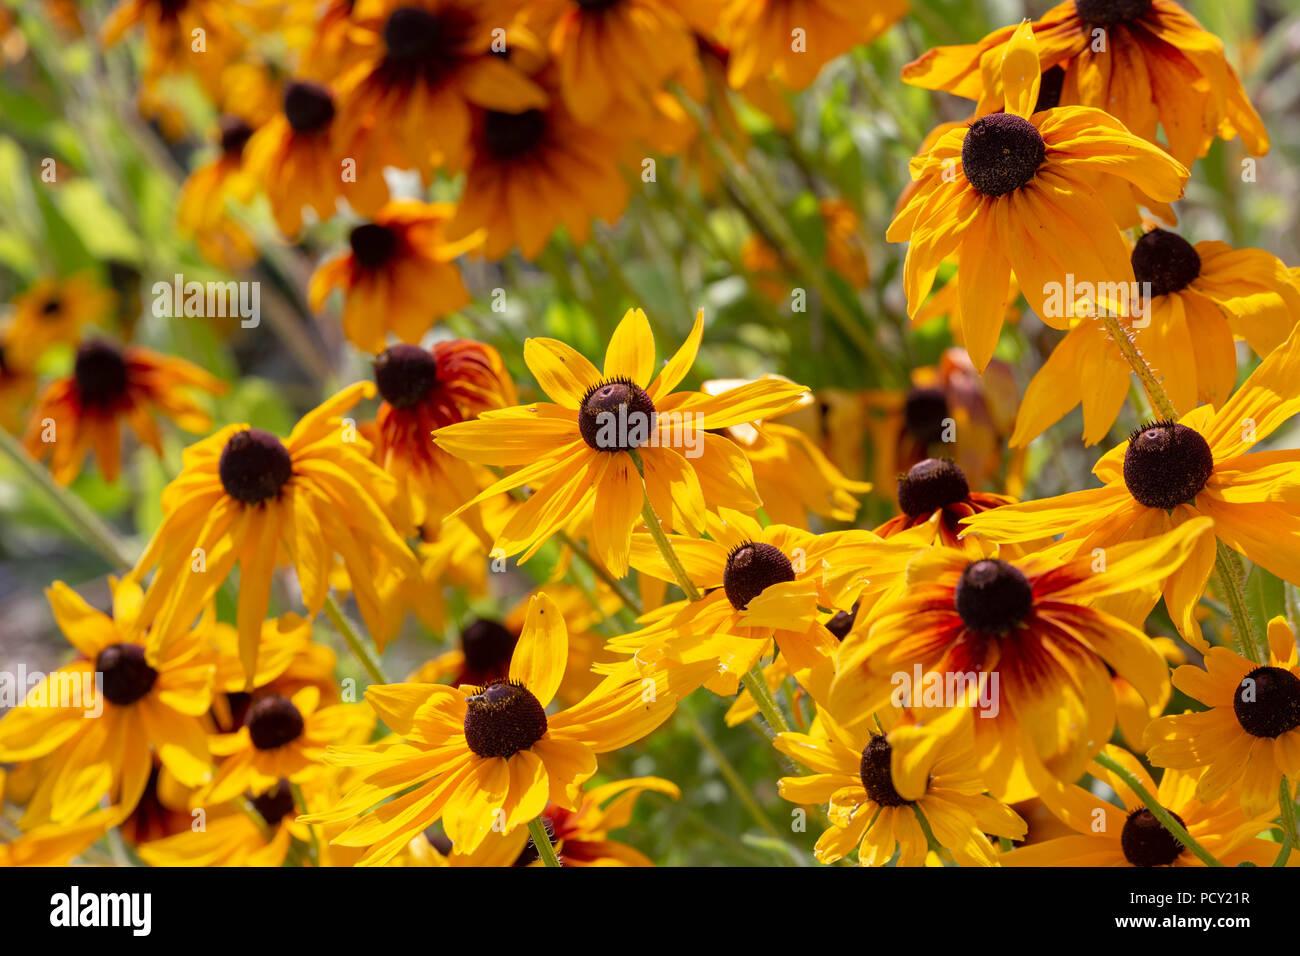 Yellow Coneflower Cone Flowers Stock Photos Yellow Coneflower Cone